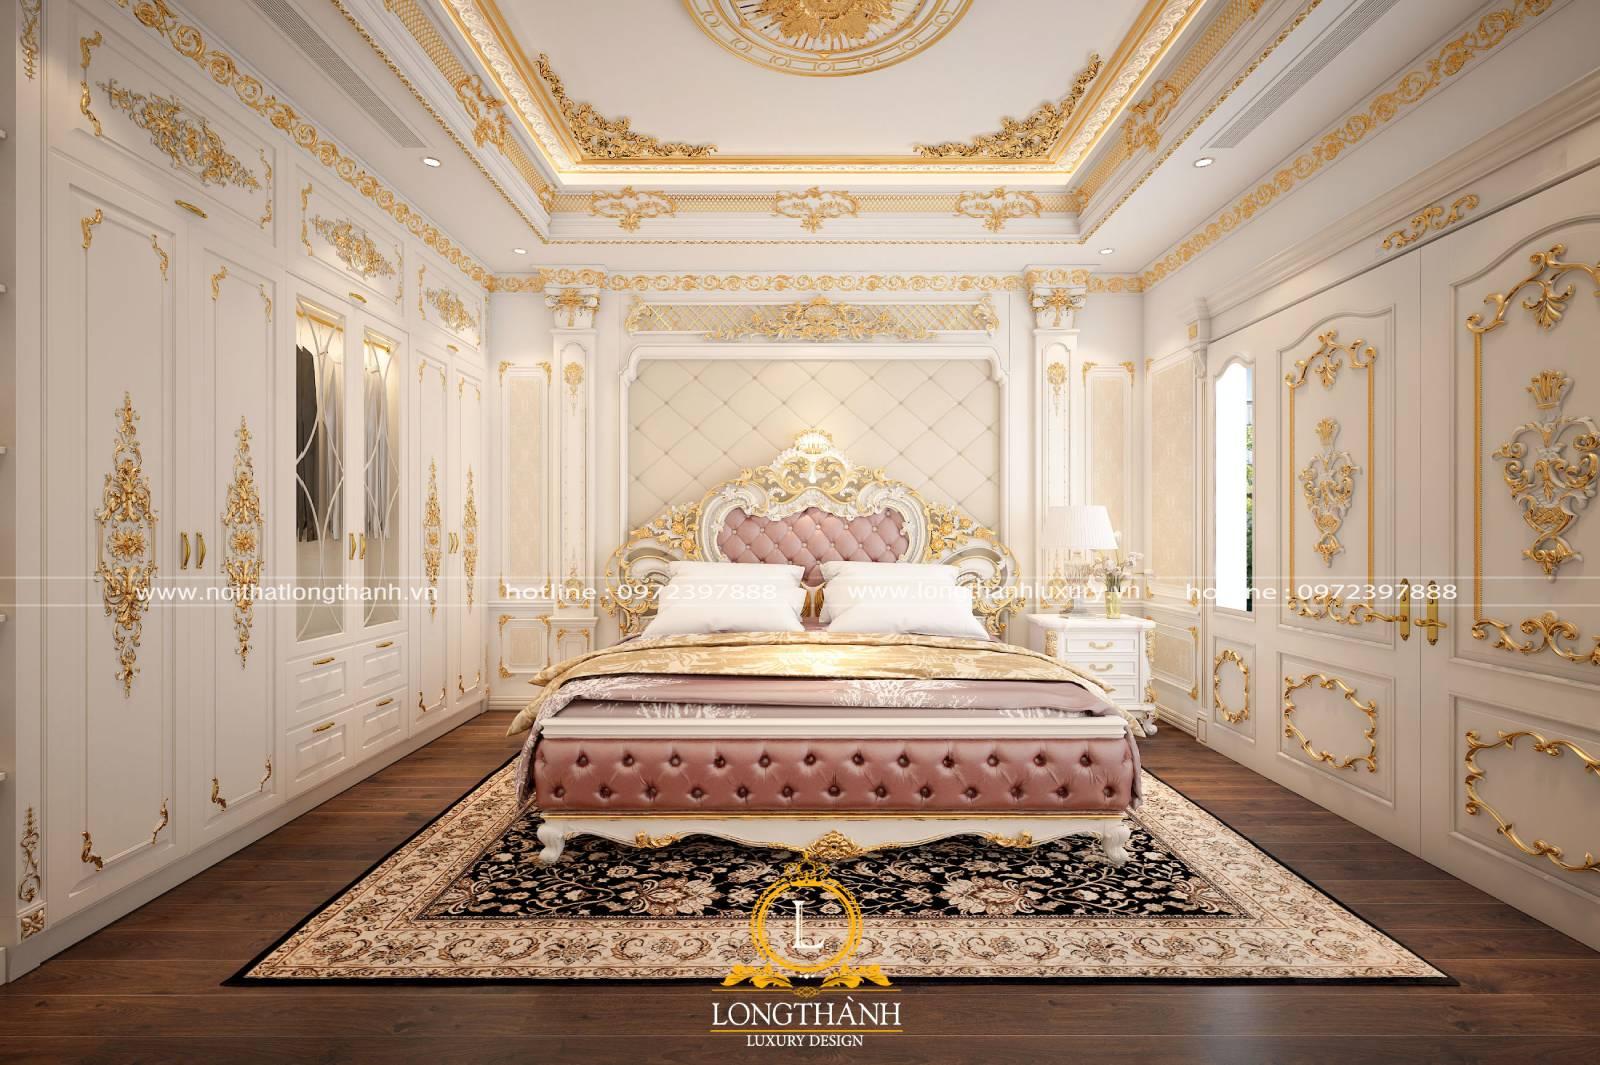 Mẫu phòng ngủ tân cổ điển màu trắng sang trọng đẳng cấp và hiện đại